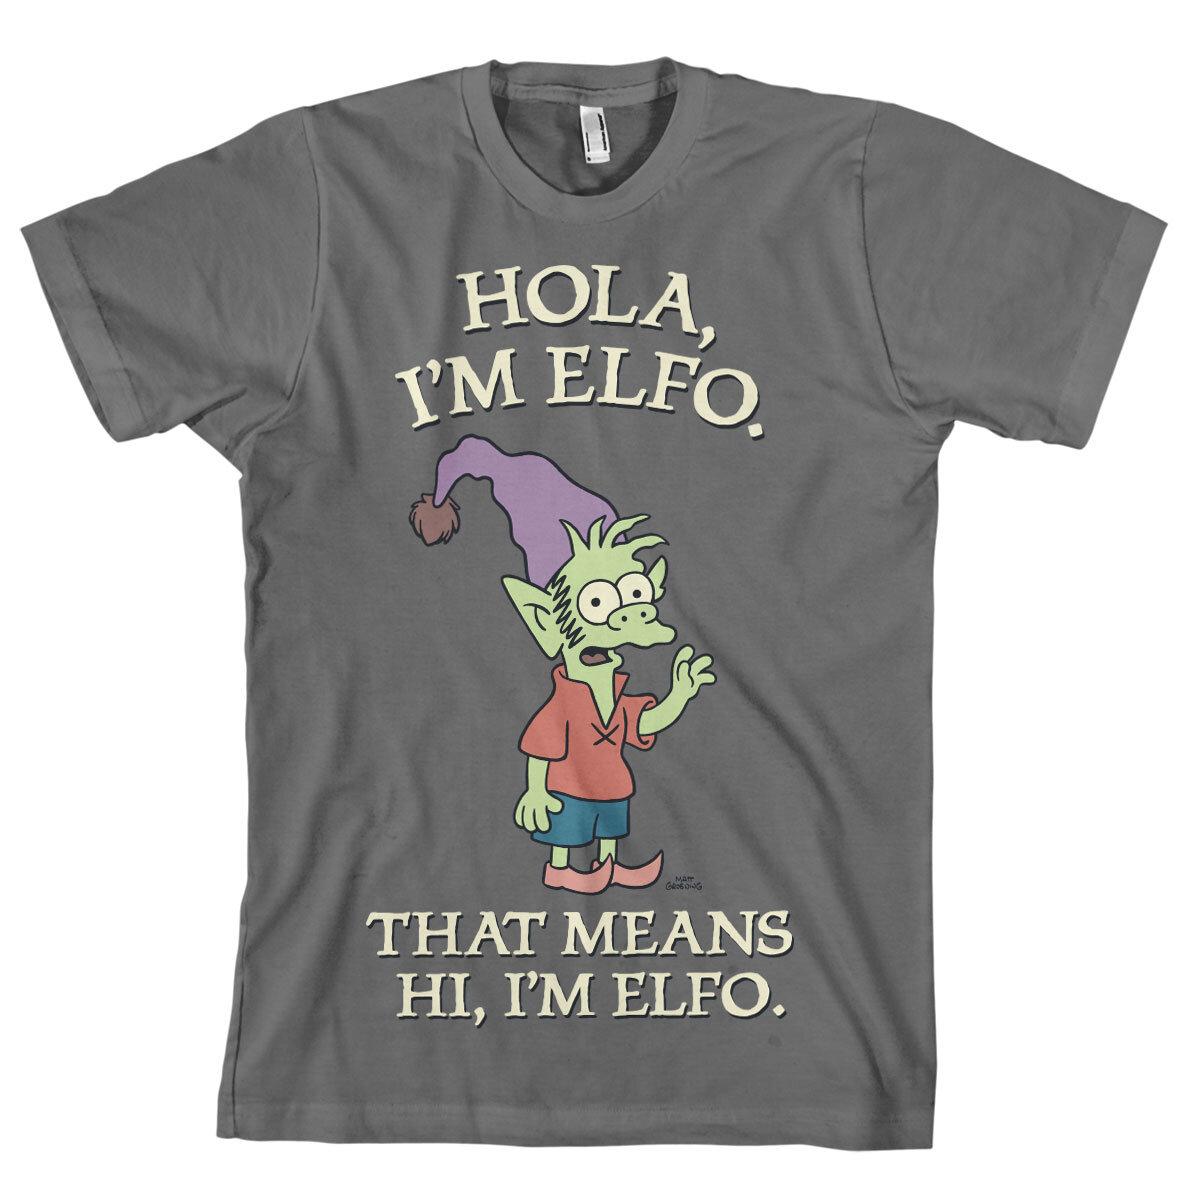 Hola, I'm Elfo T-Shirt